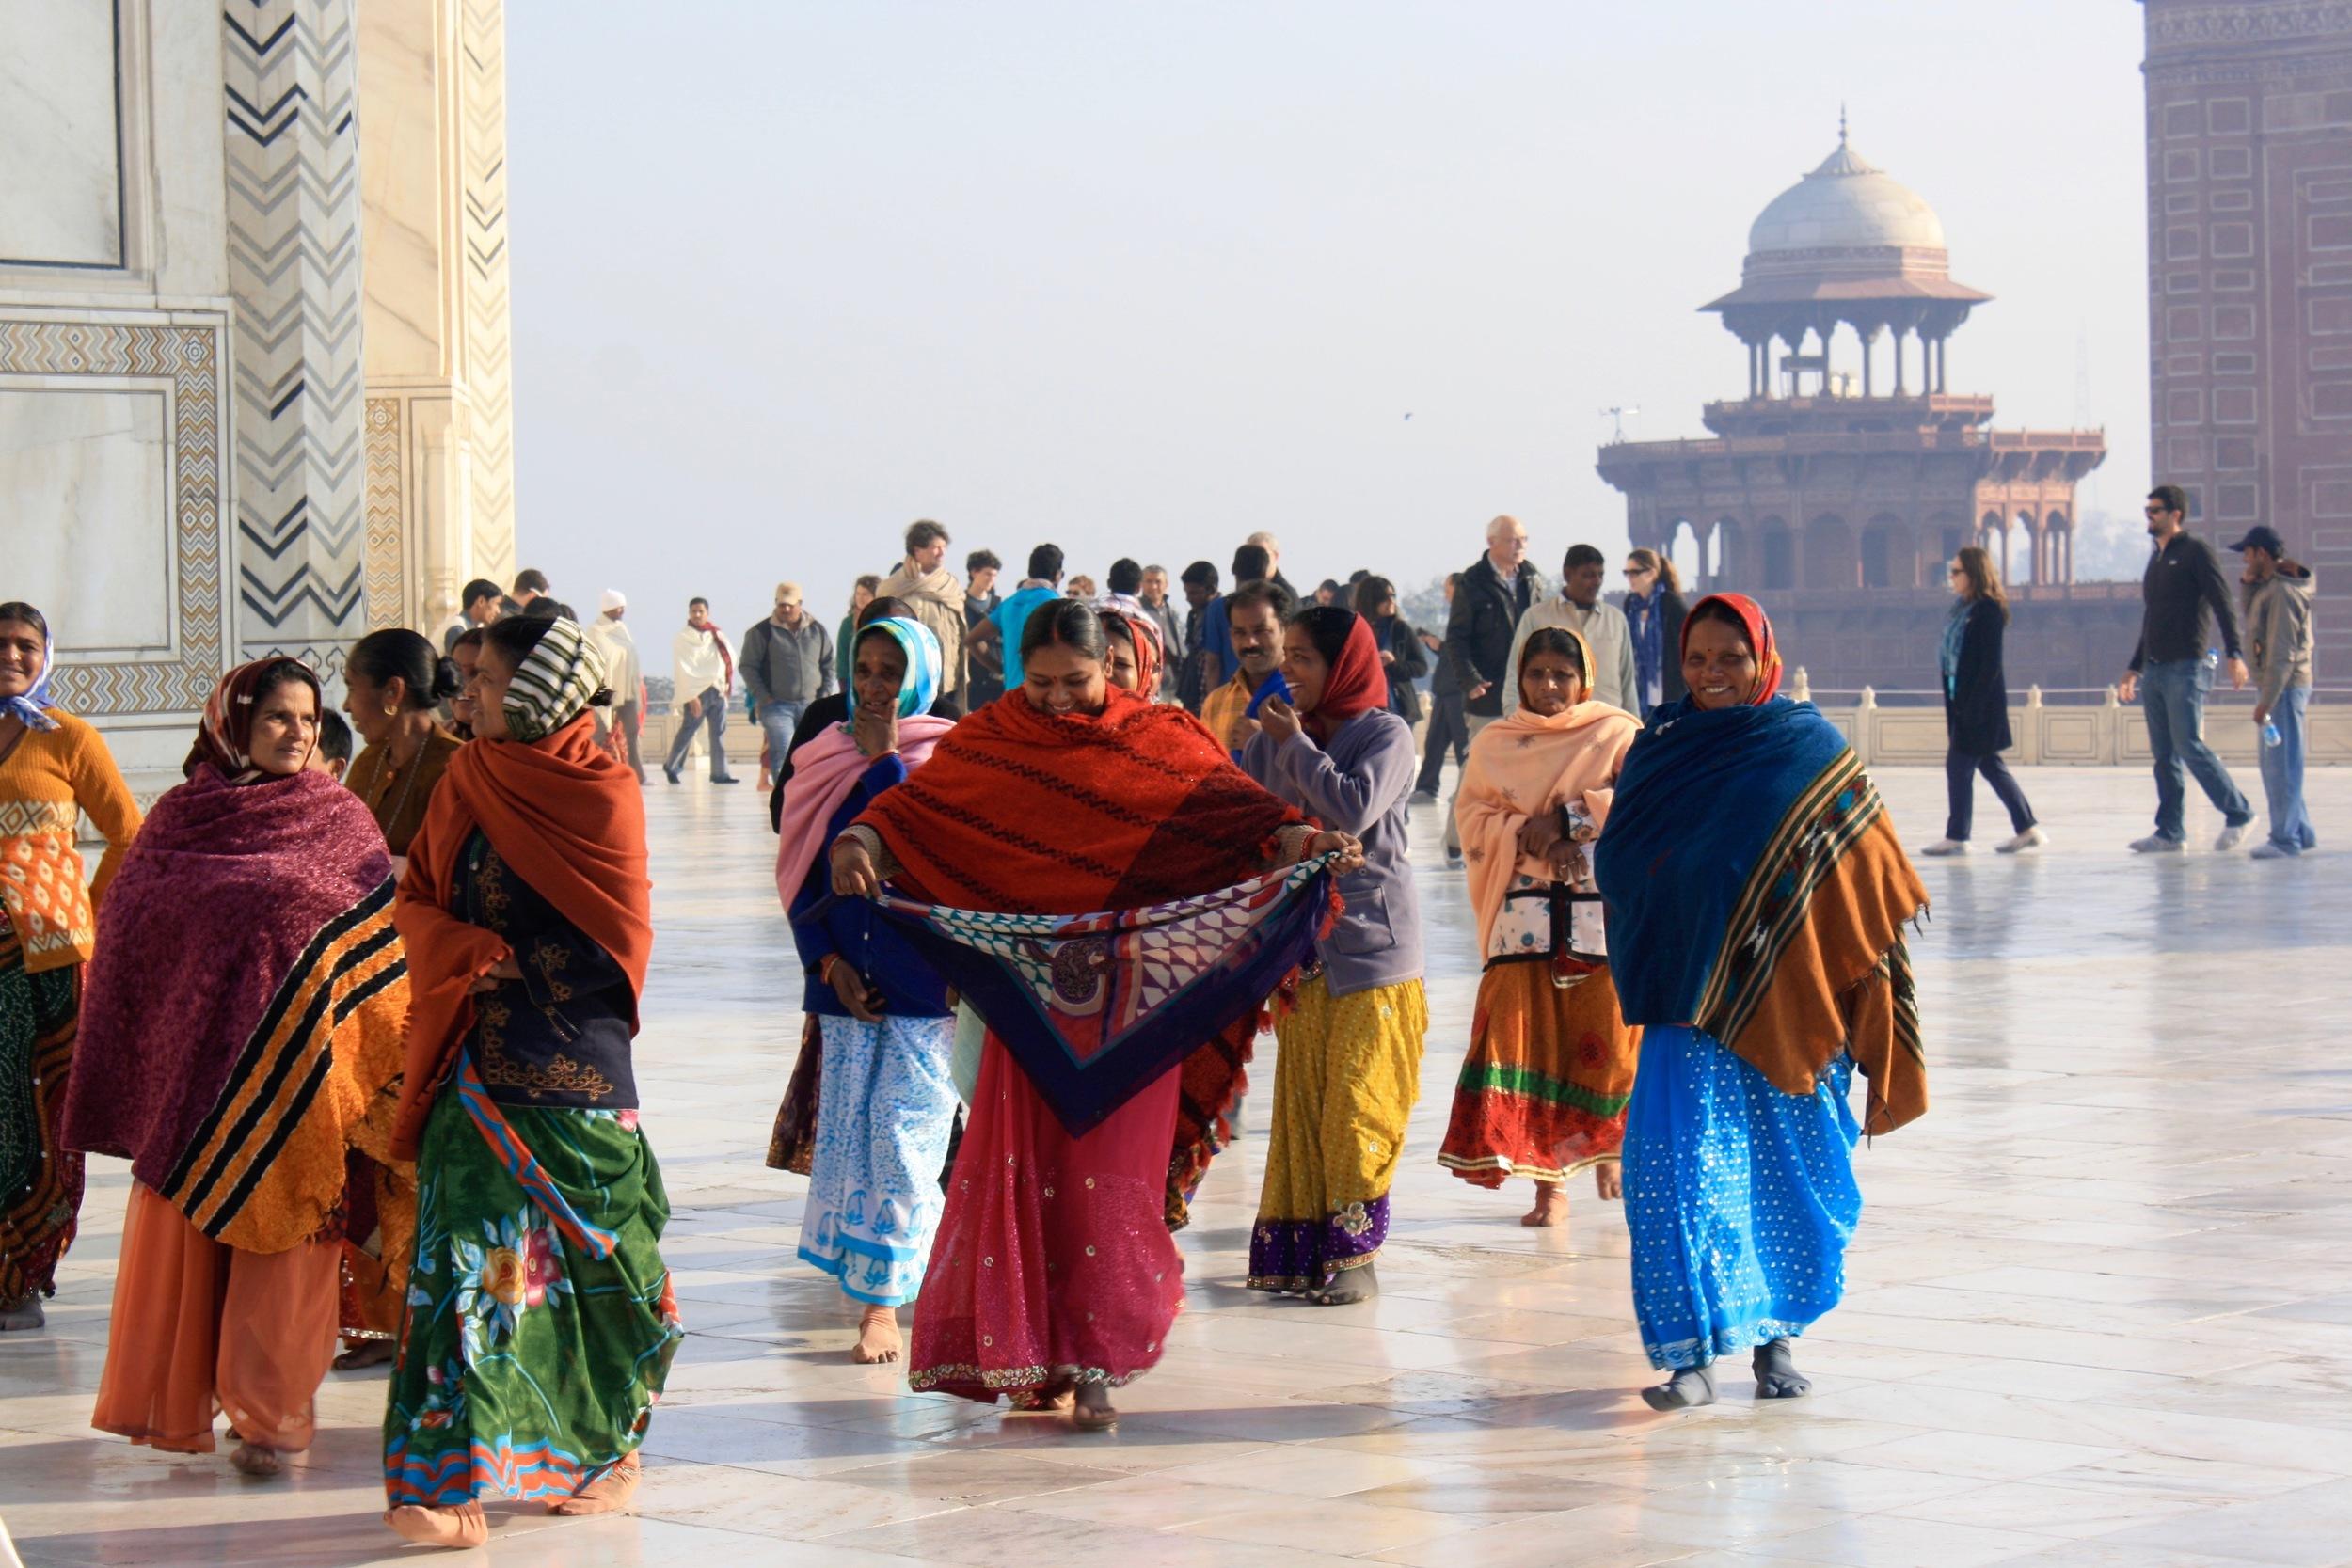 Women at the Taj Mahal